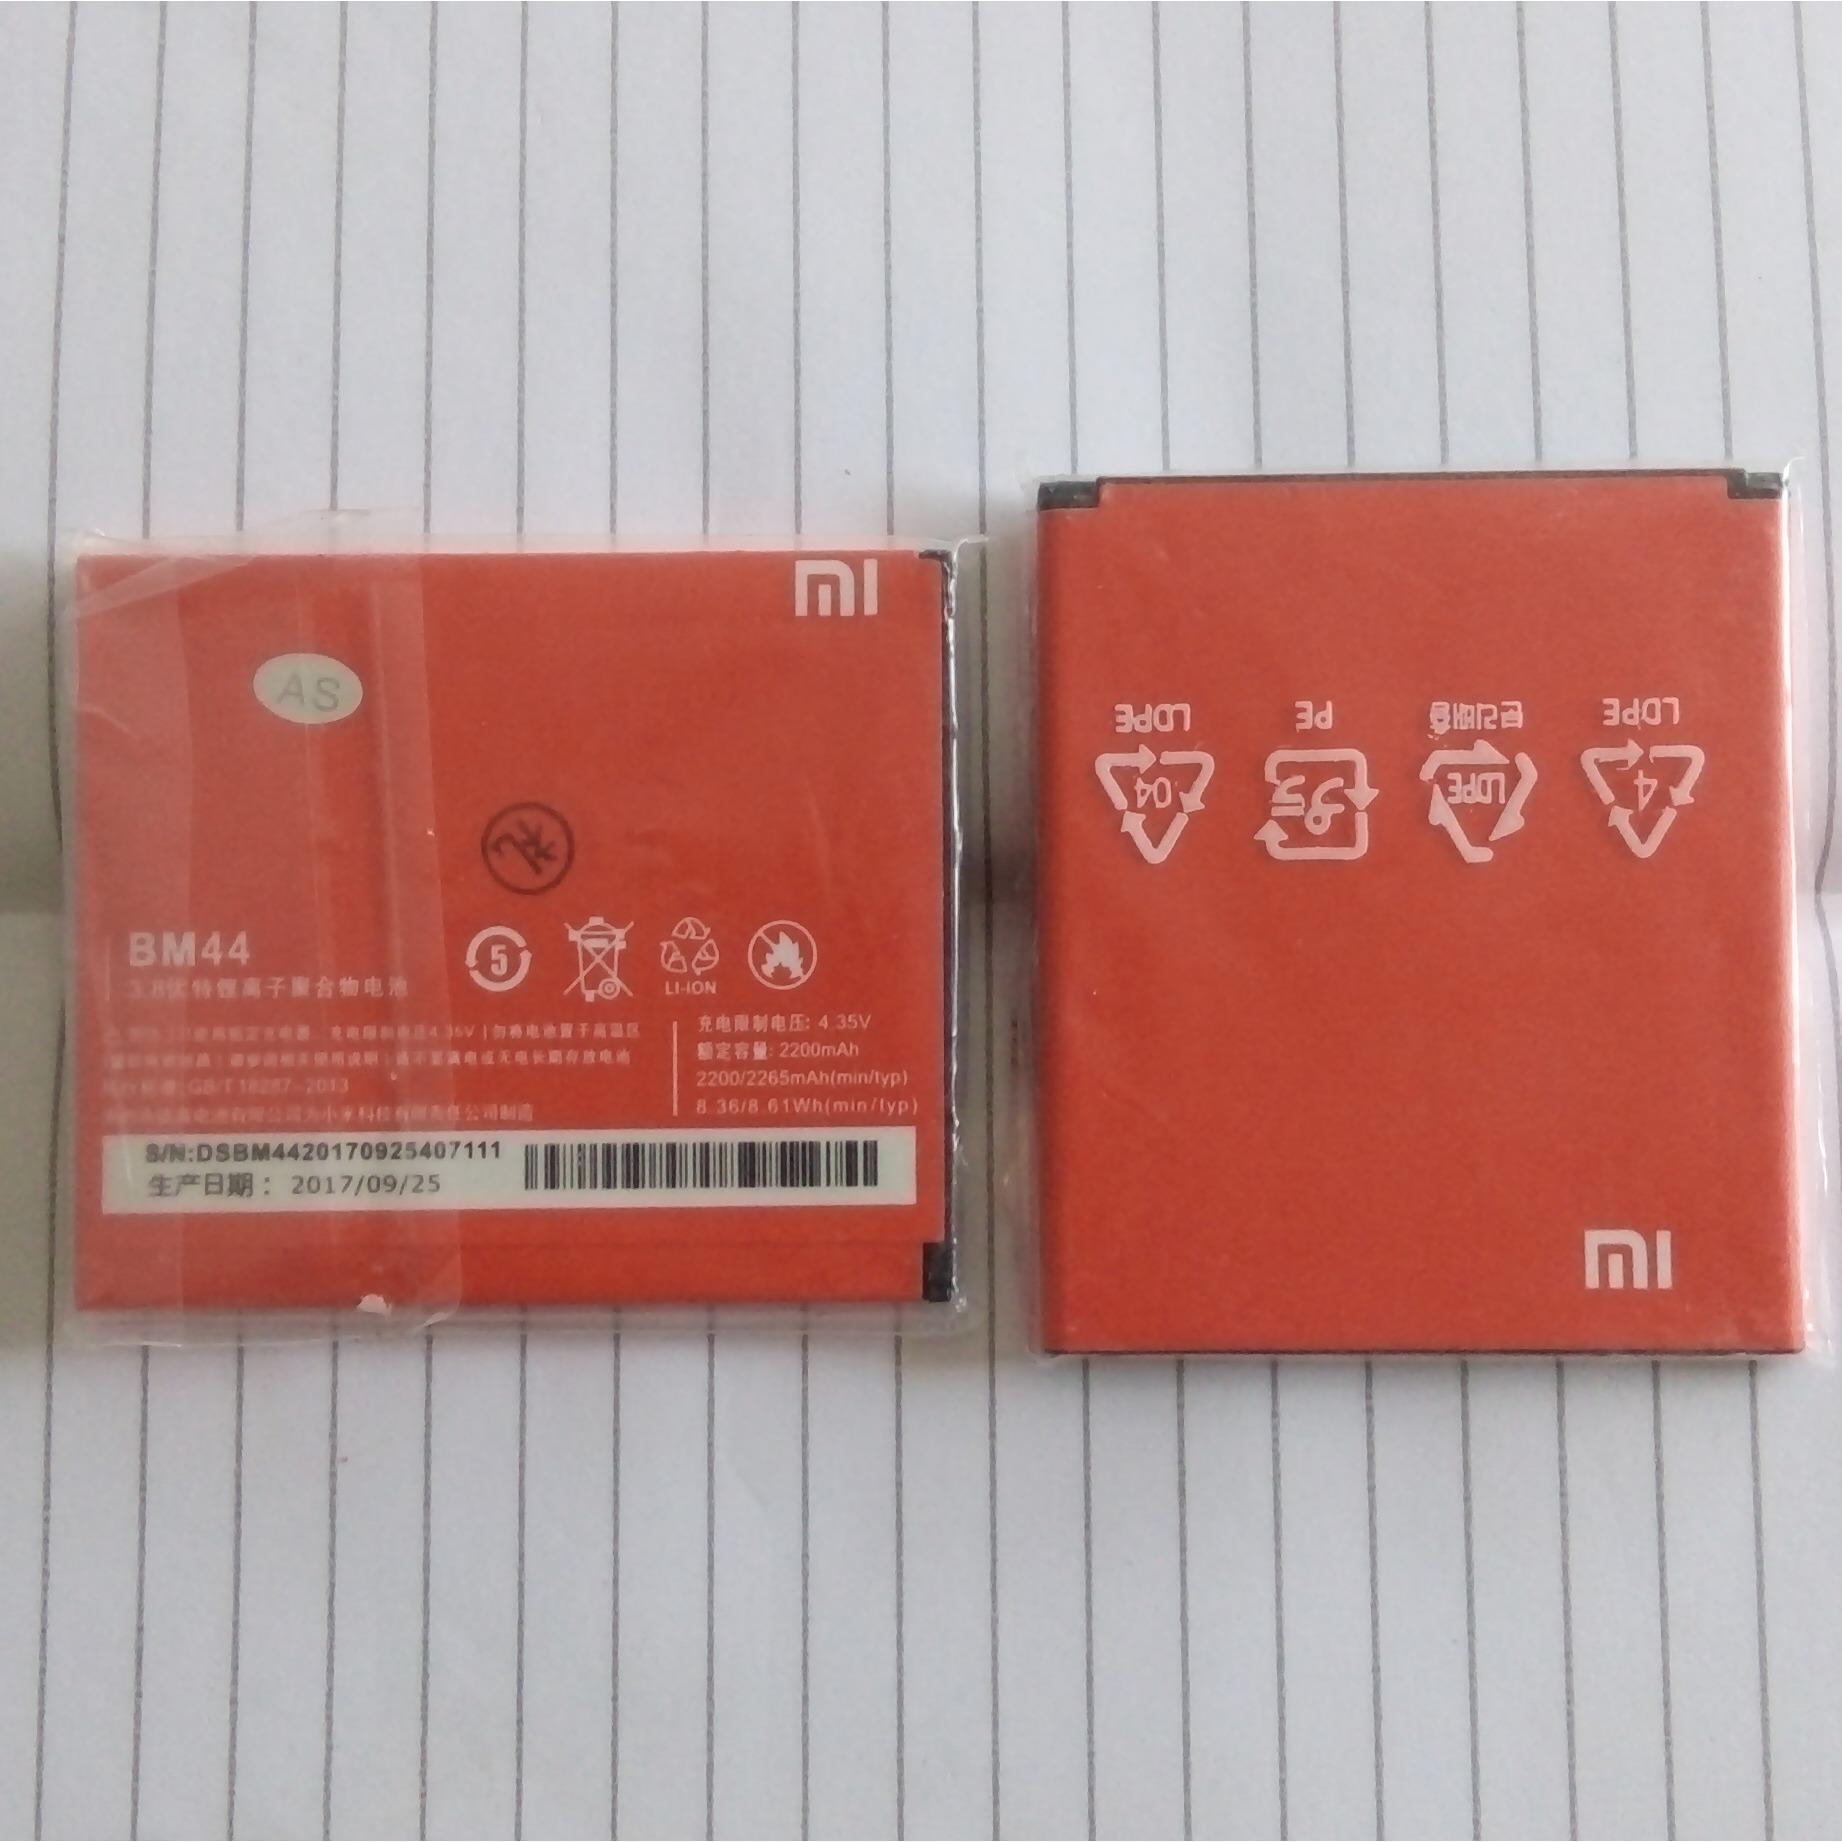 Baterai Xiaomi BM44 Untuk Xiaomi Redmi 1s / Redmi 2 2200mAH Batre Batere Battery Xiaomi BM